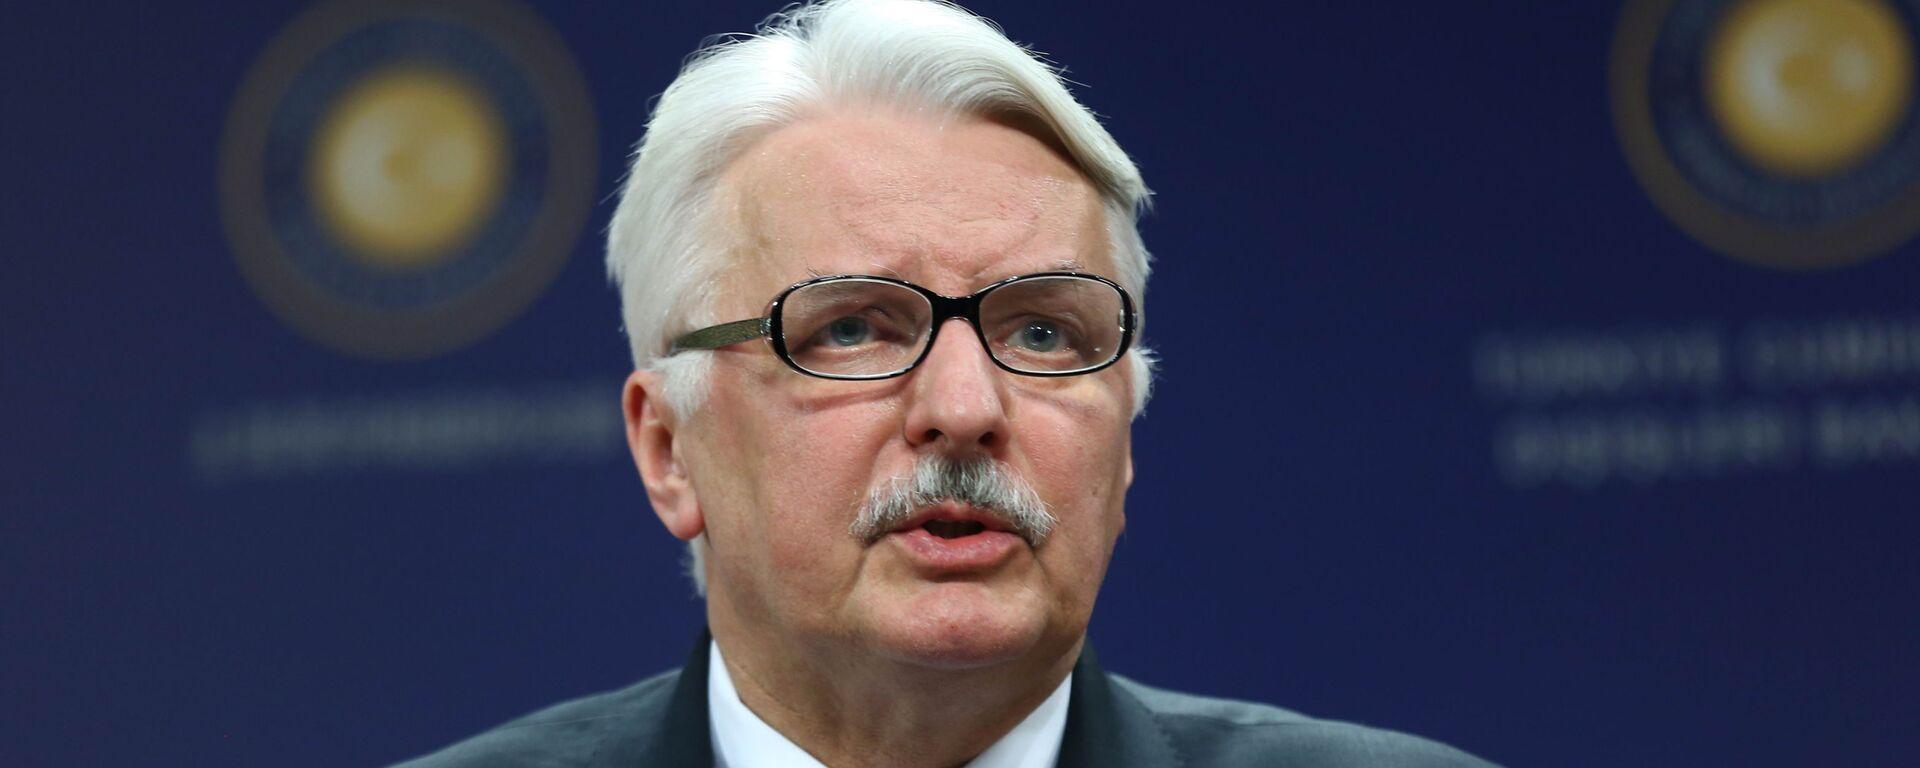 Bijušais Polijas ārlietu ministrs Vitolds Vaščikovskis - Sputnik Latvija, 1920, 08.09.2021